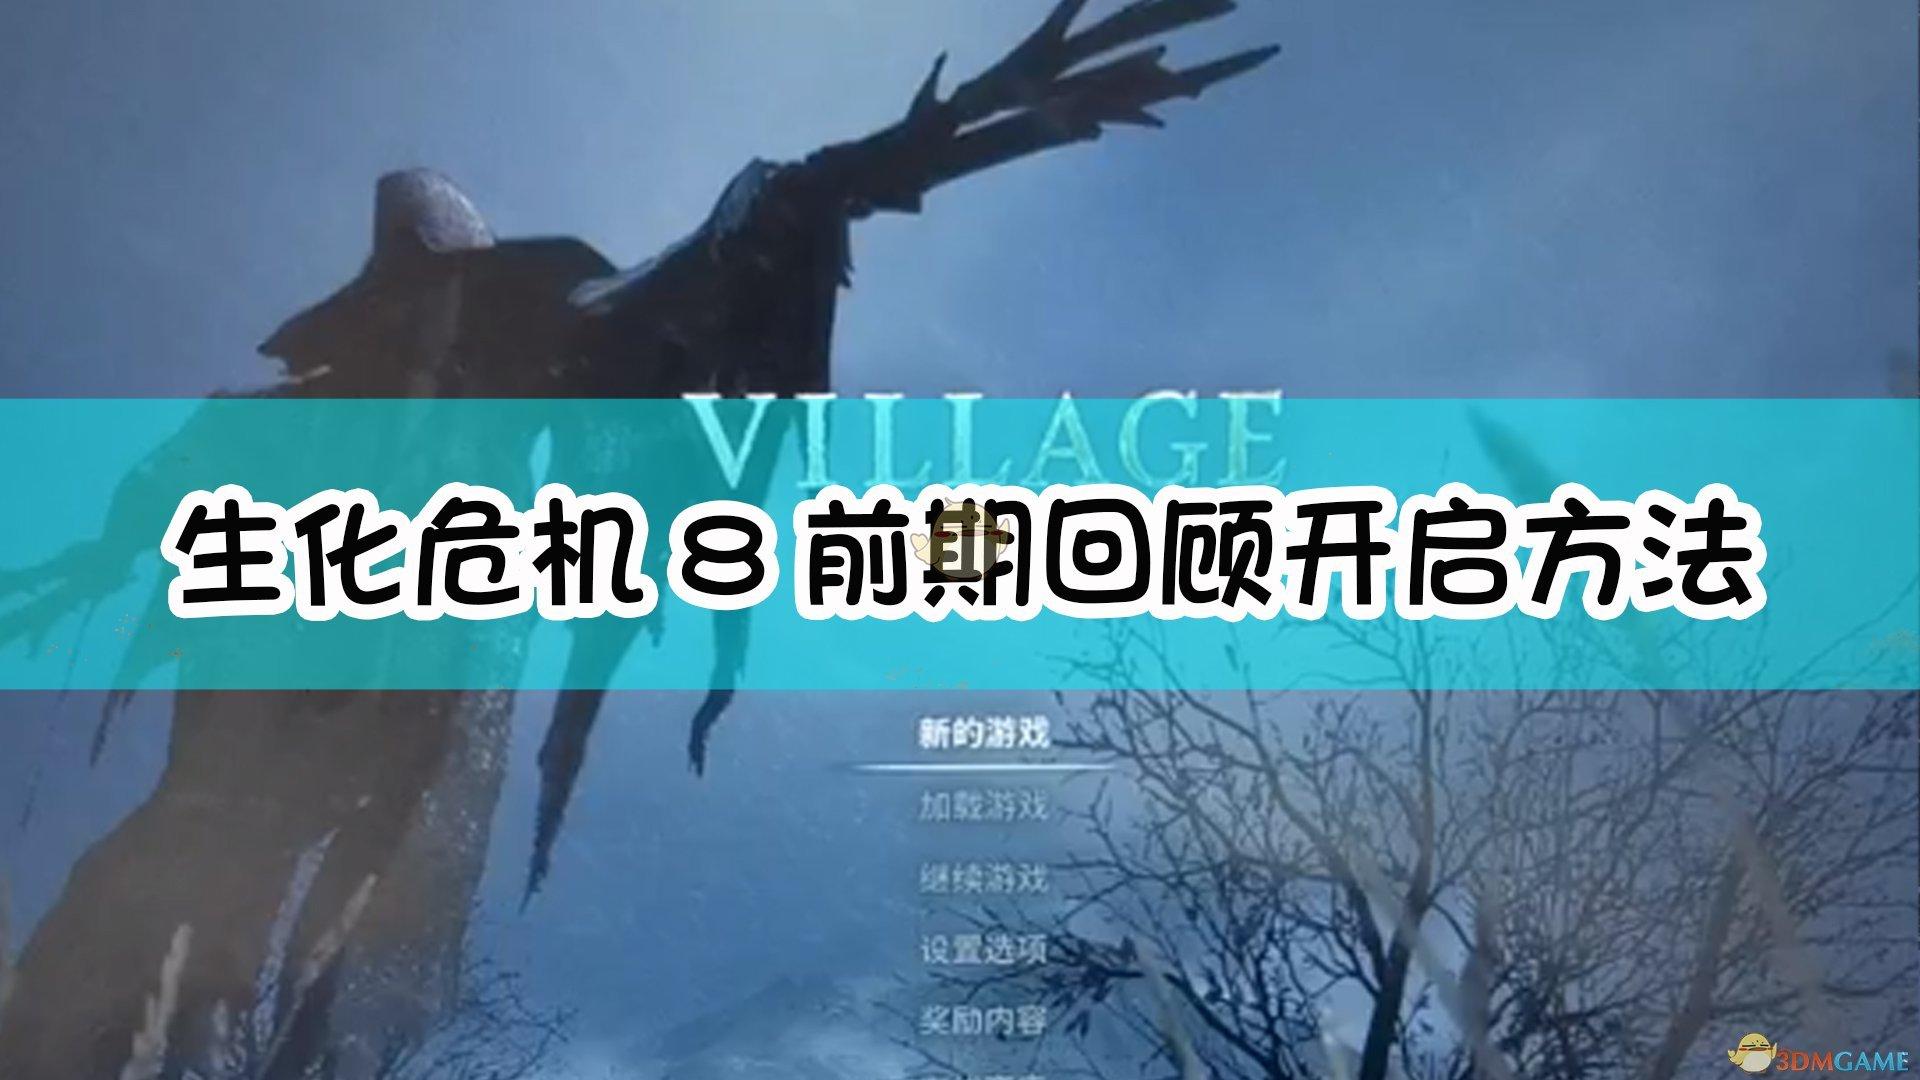 《生化危机8:村庄》前期回顾开启方法介绍